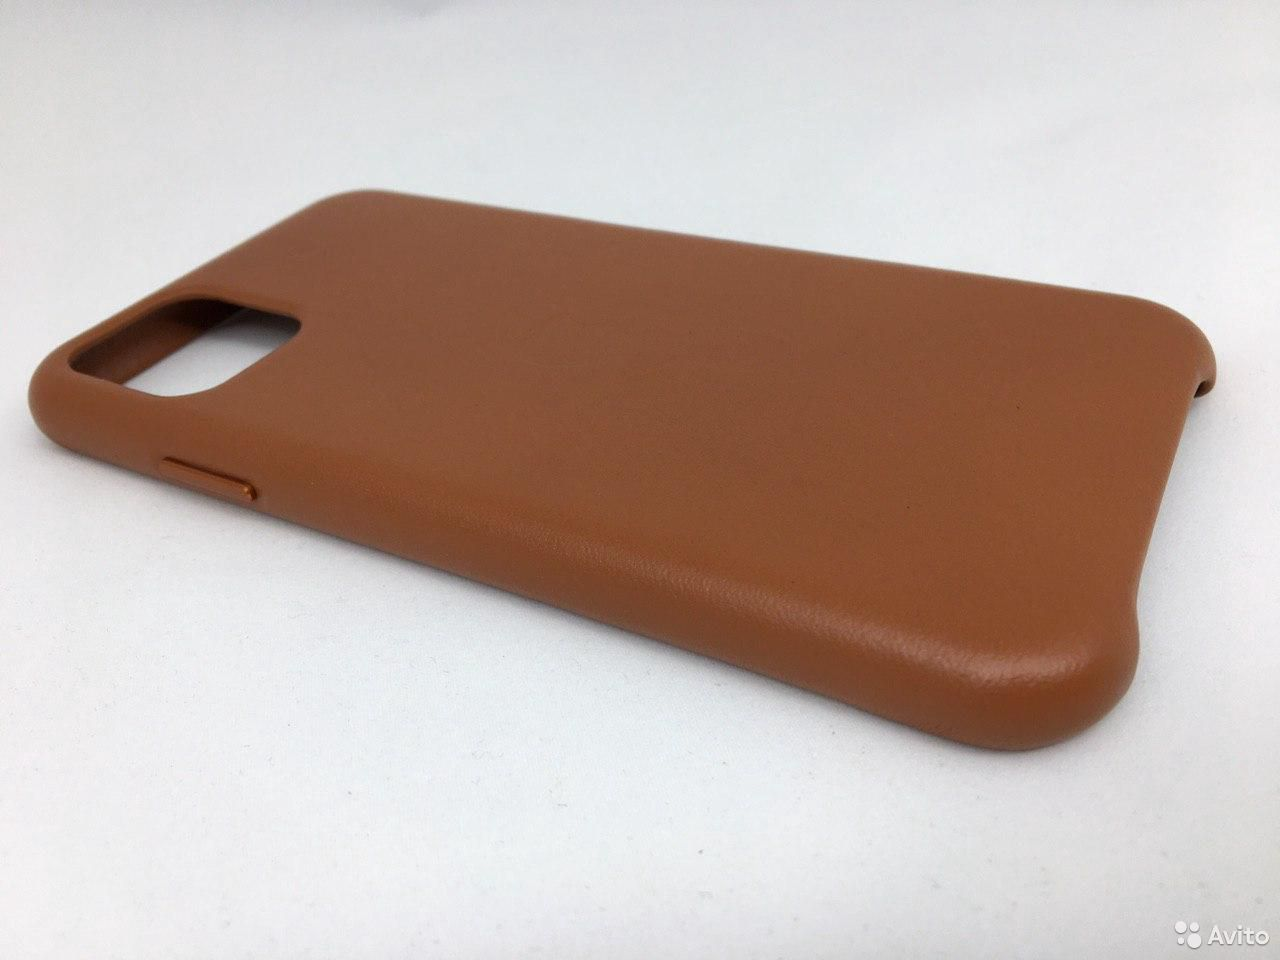 Кожаный чехол Leather Case Apple iPhone 11 Brown  89112002770 купить 4